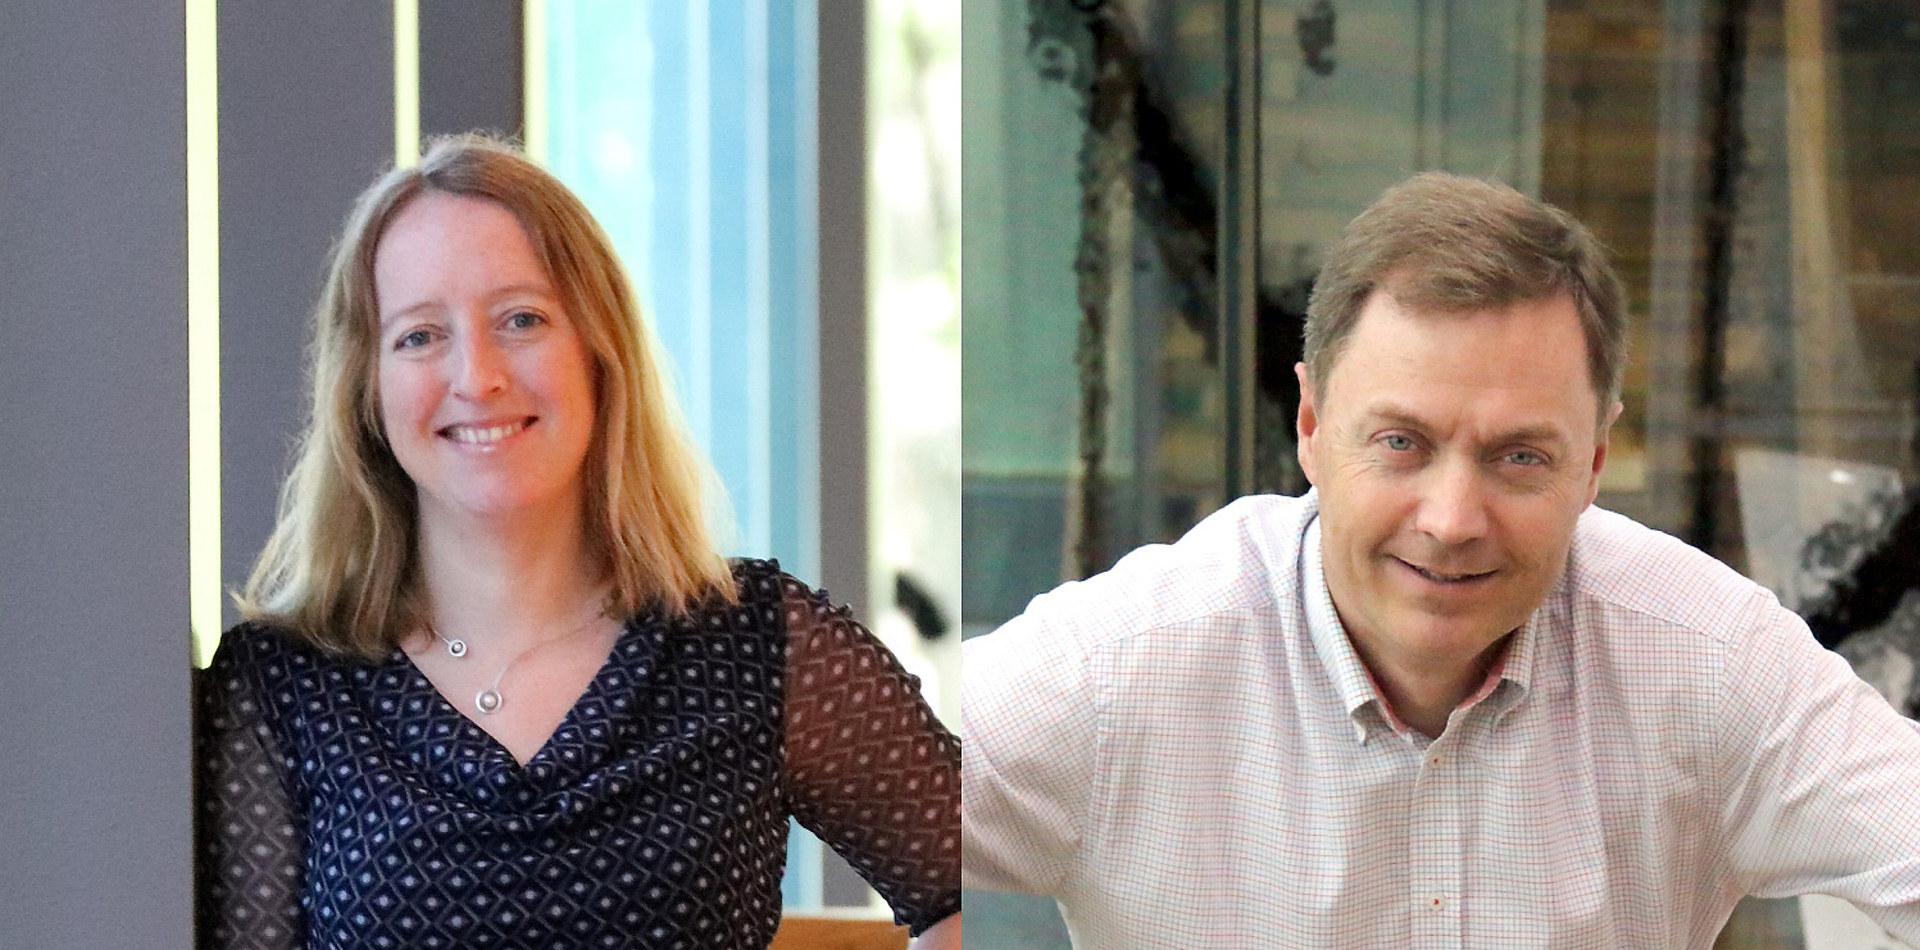 Fagsjef for forskning og innovasjon Katrine Vinnes og direktør Knut E. Sunde i Norsk Industri. Foto: Norsk Industri